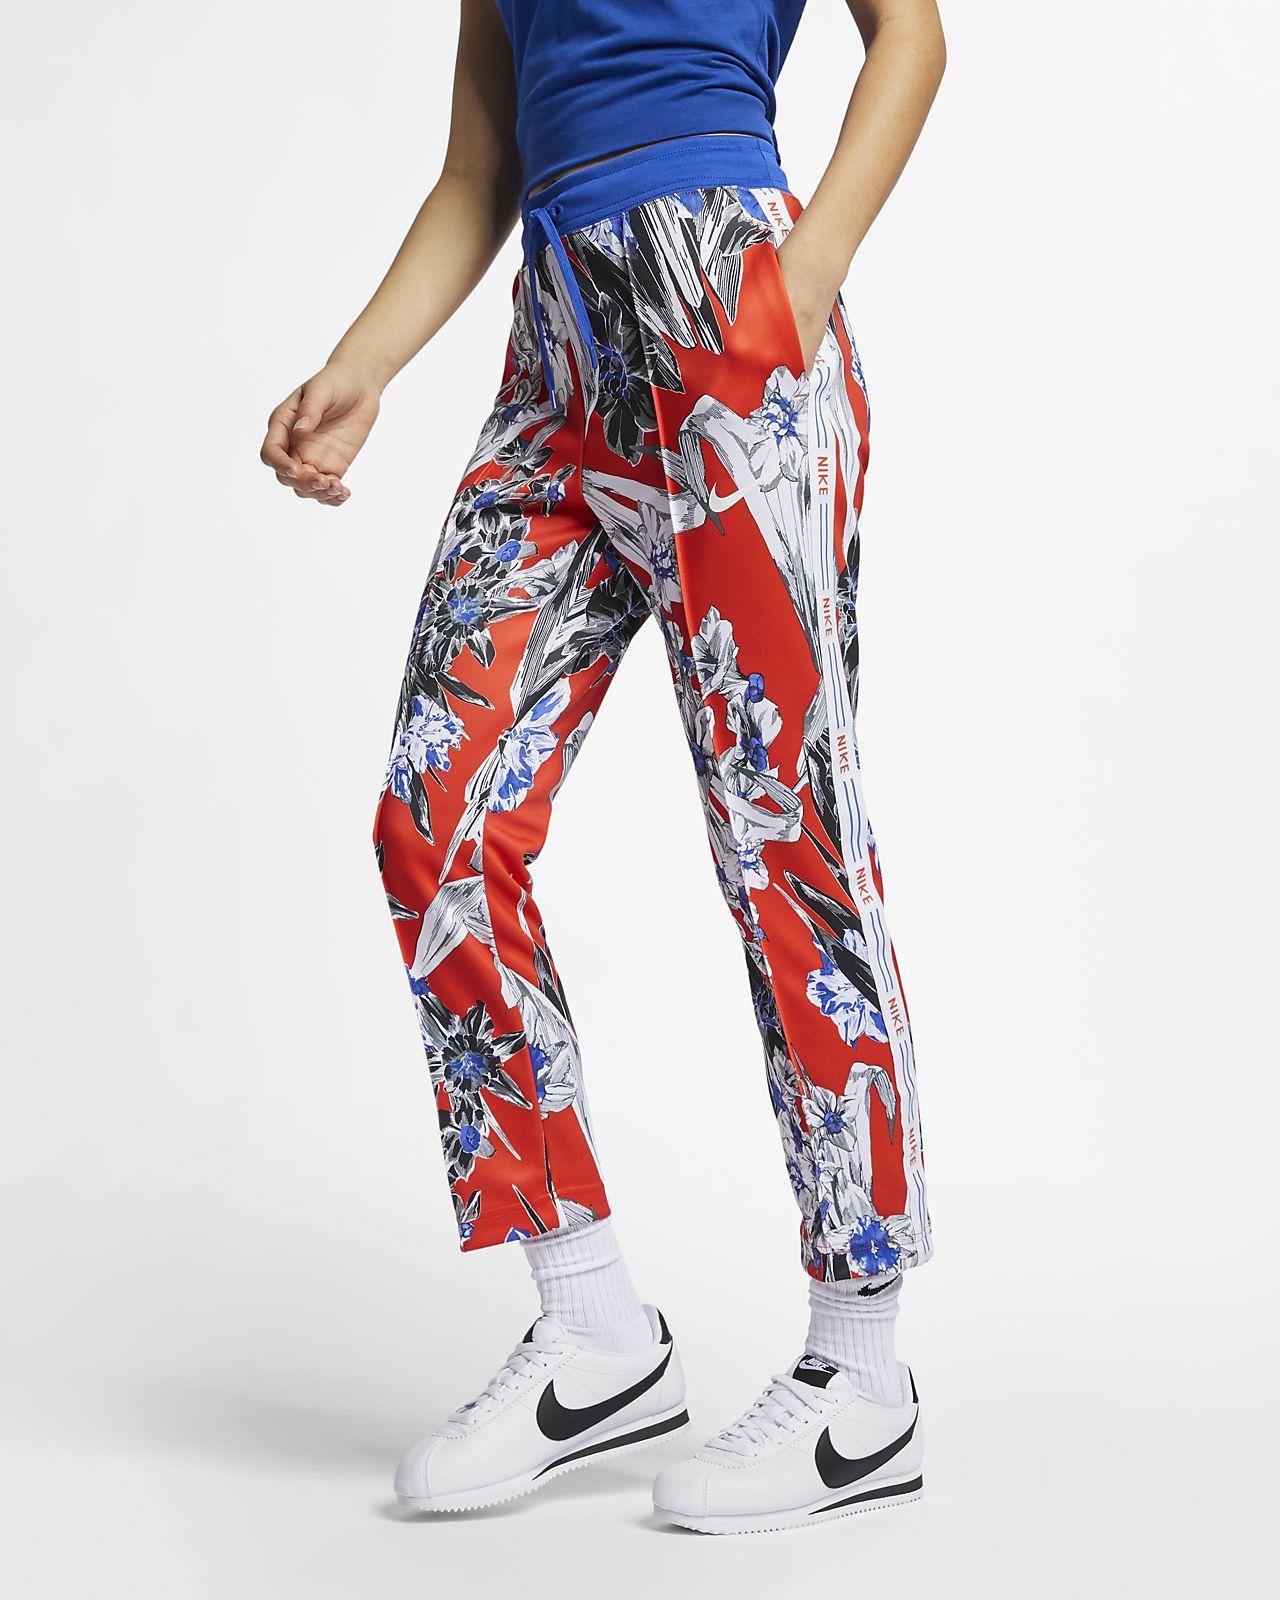 Nike Sportswear Women's Floral Pants